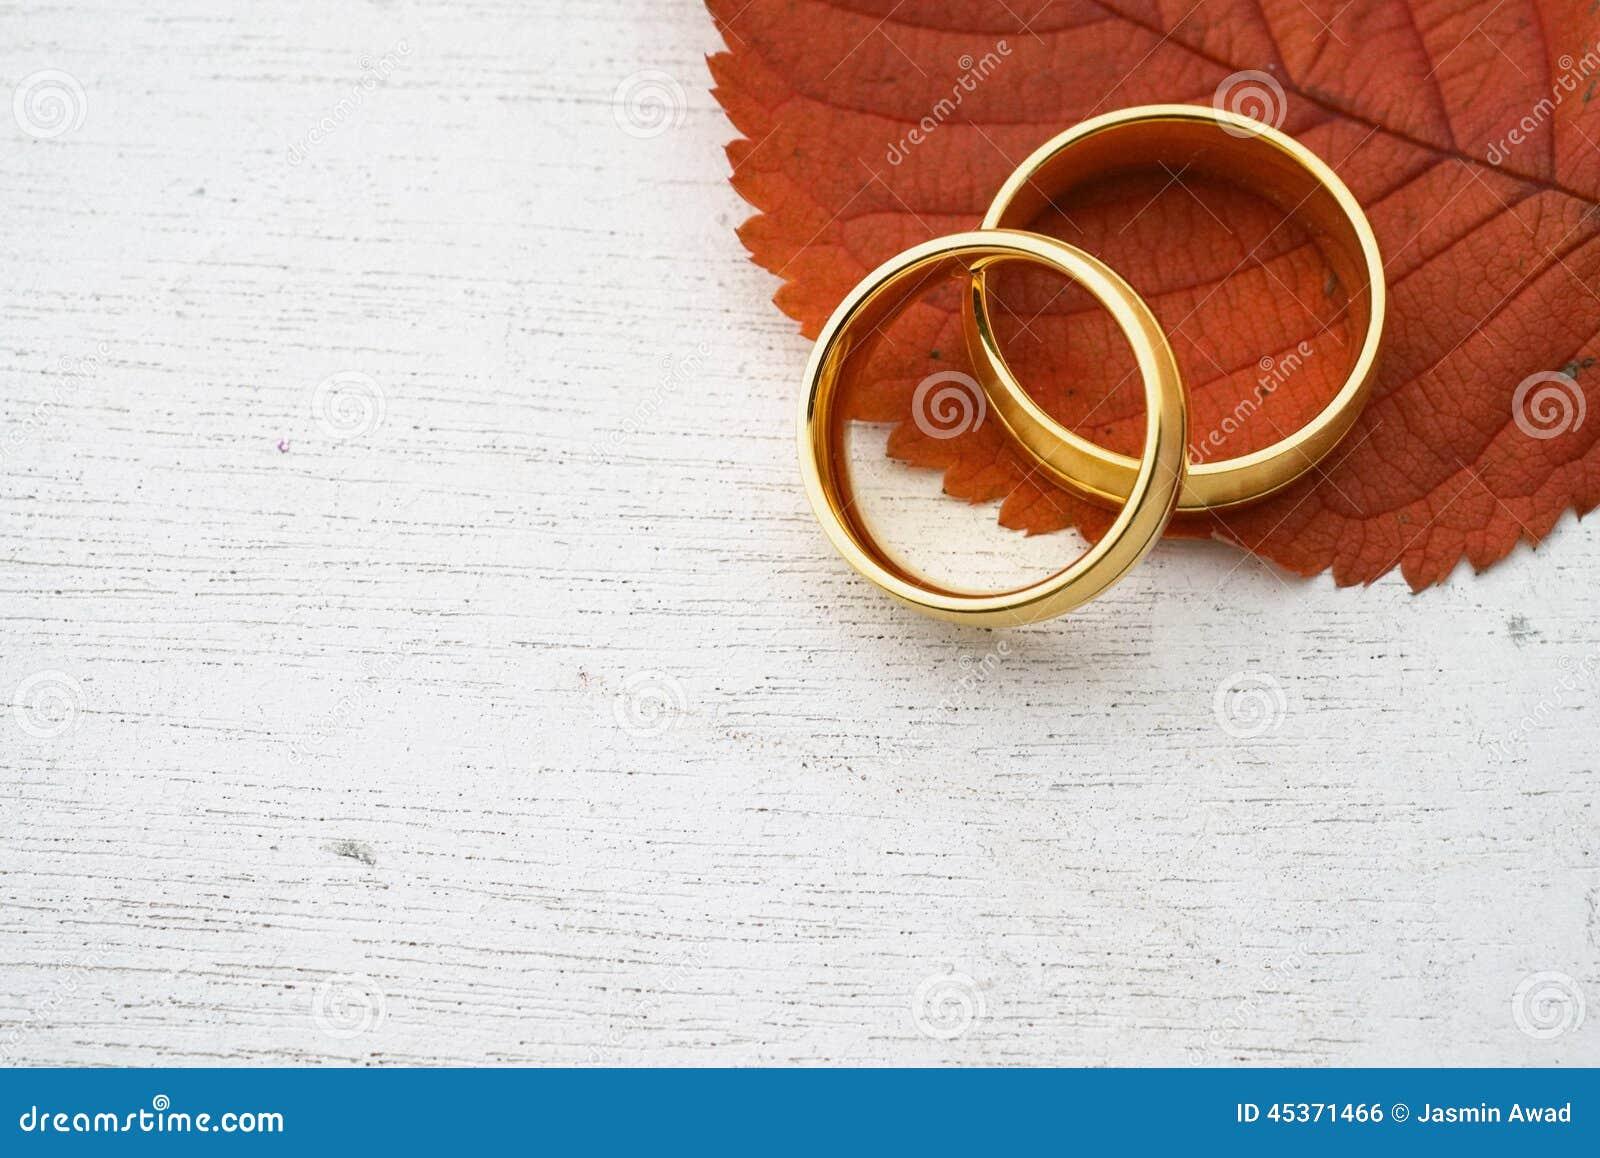 autumn wedding invitation stock photo